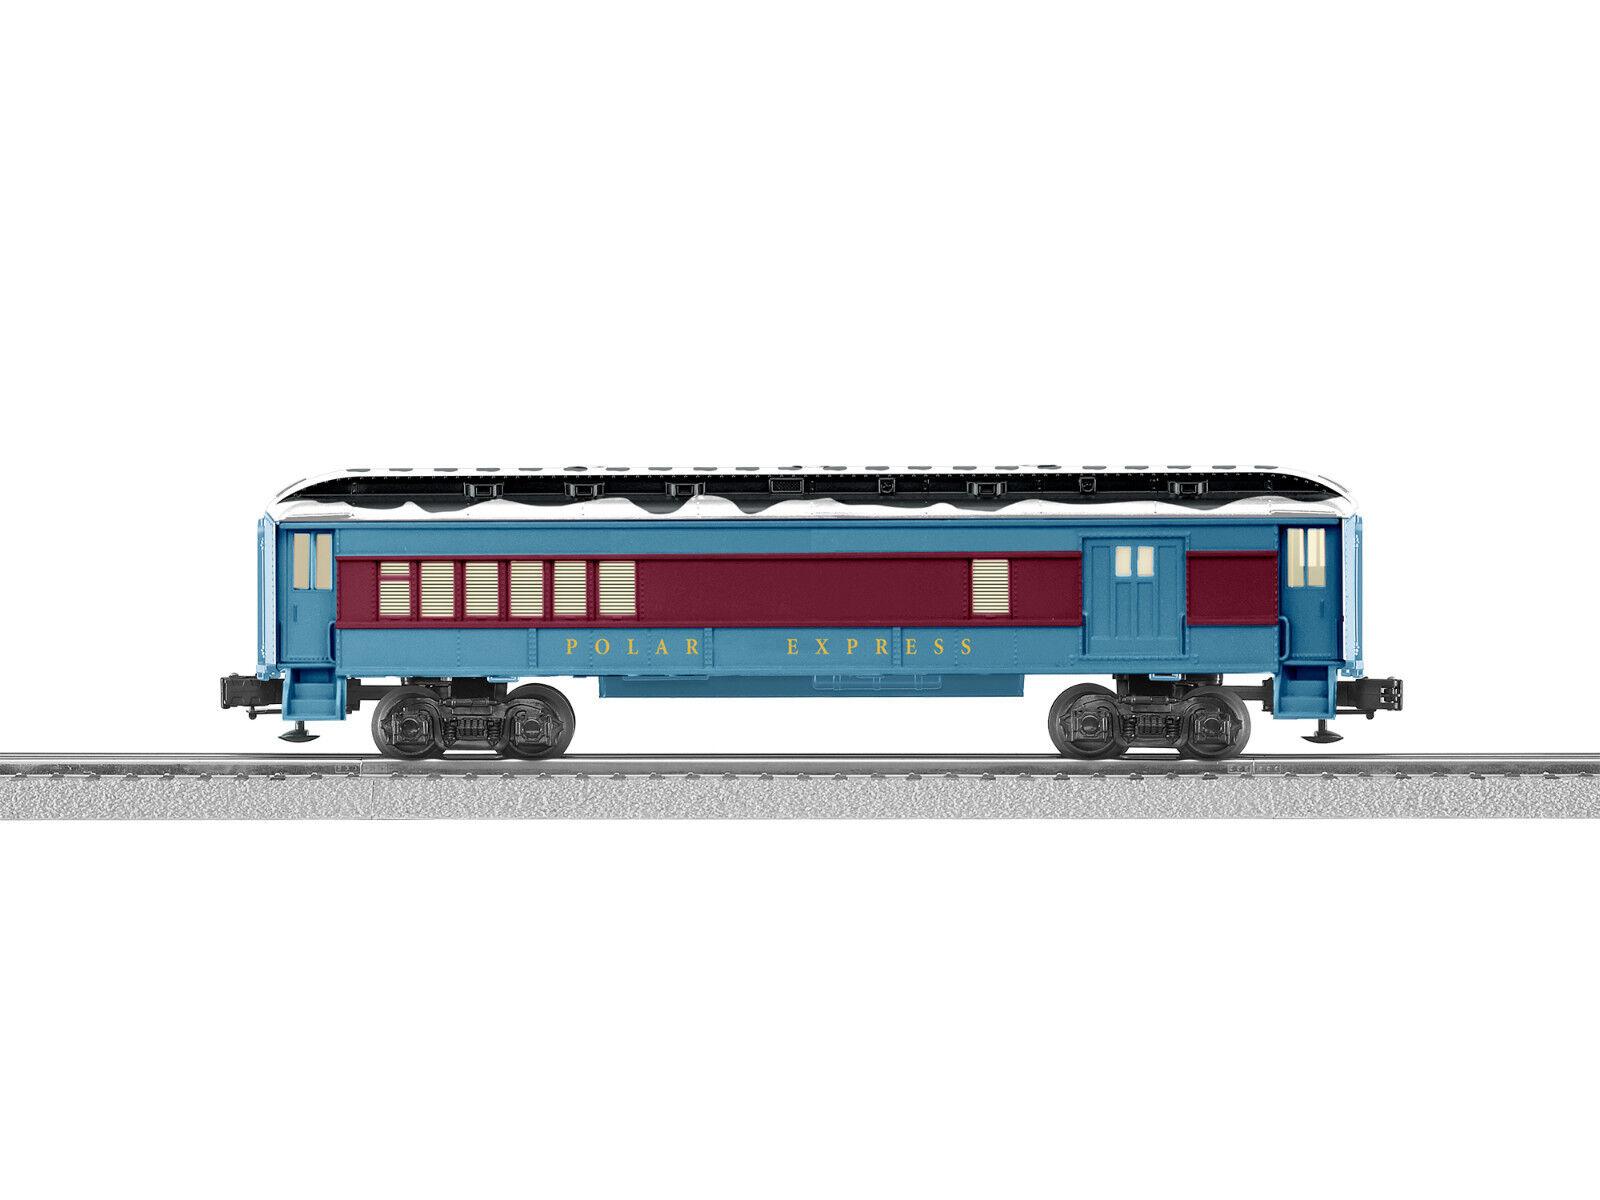 Lionel   84600 der polar - express kombination auto mit schnee auf dem dach